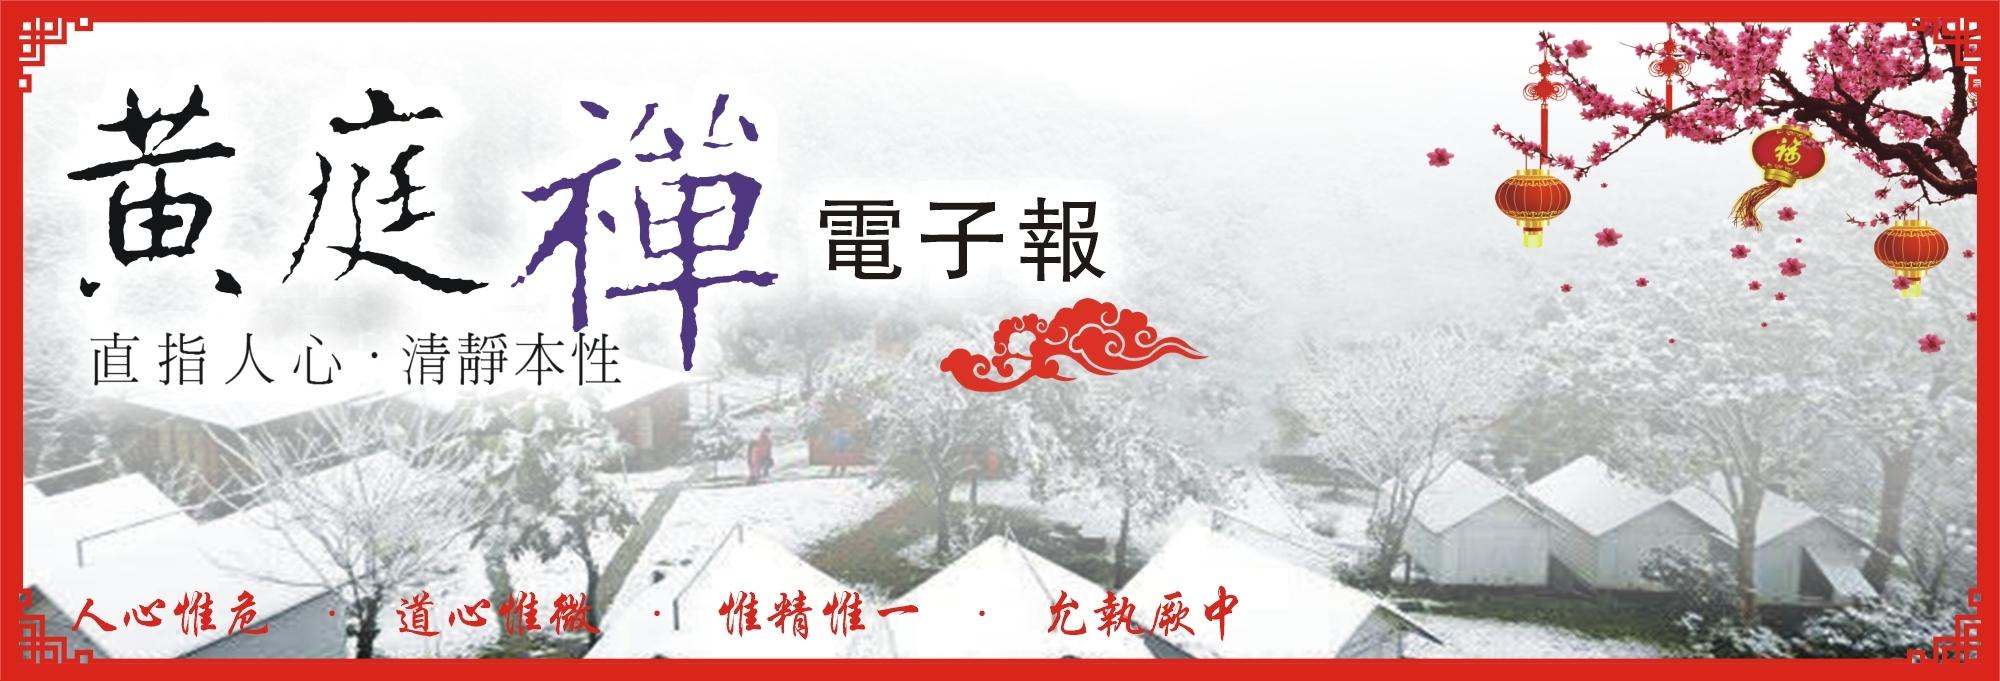 中華黃庭禪學會2016.02.11電子報